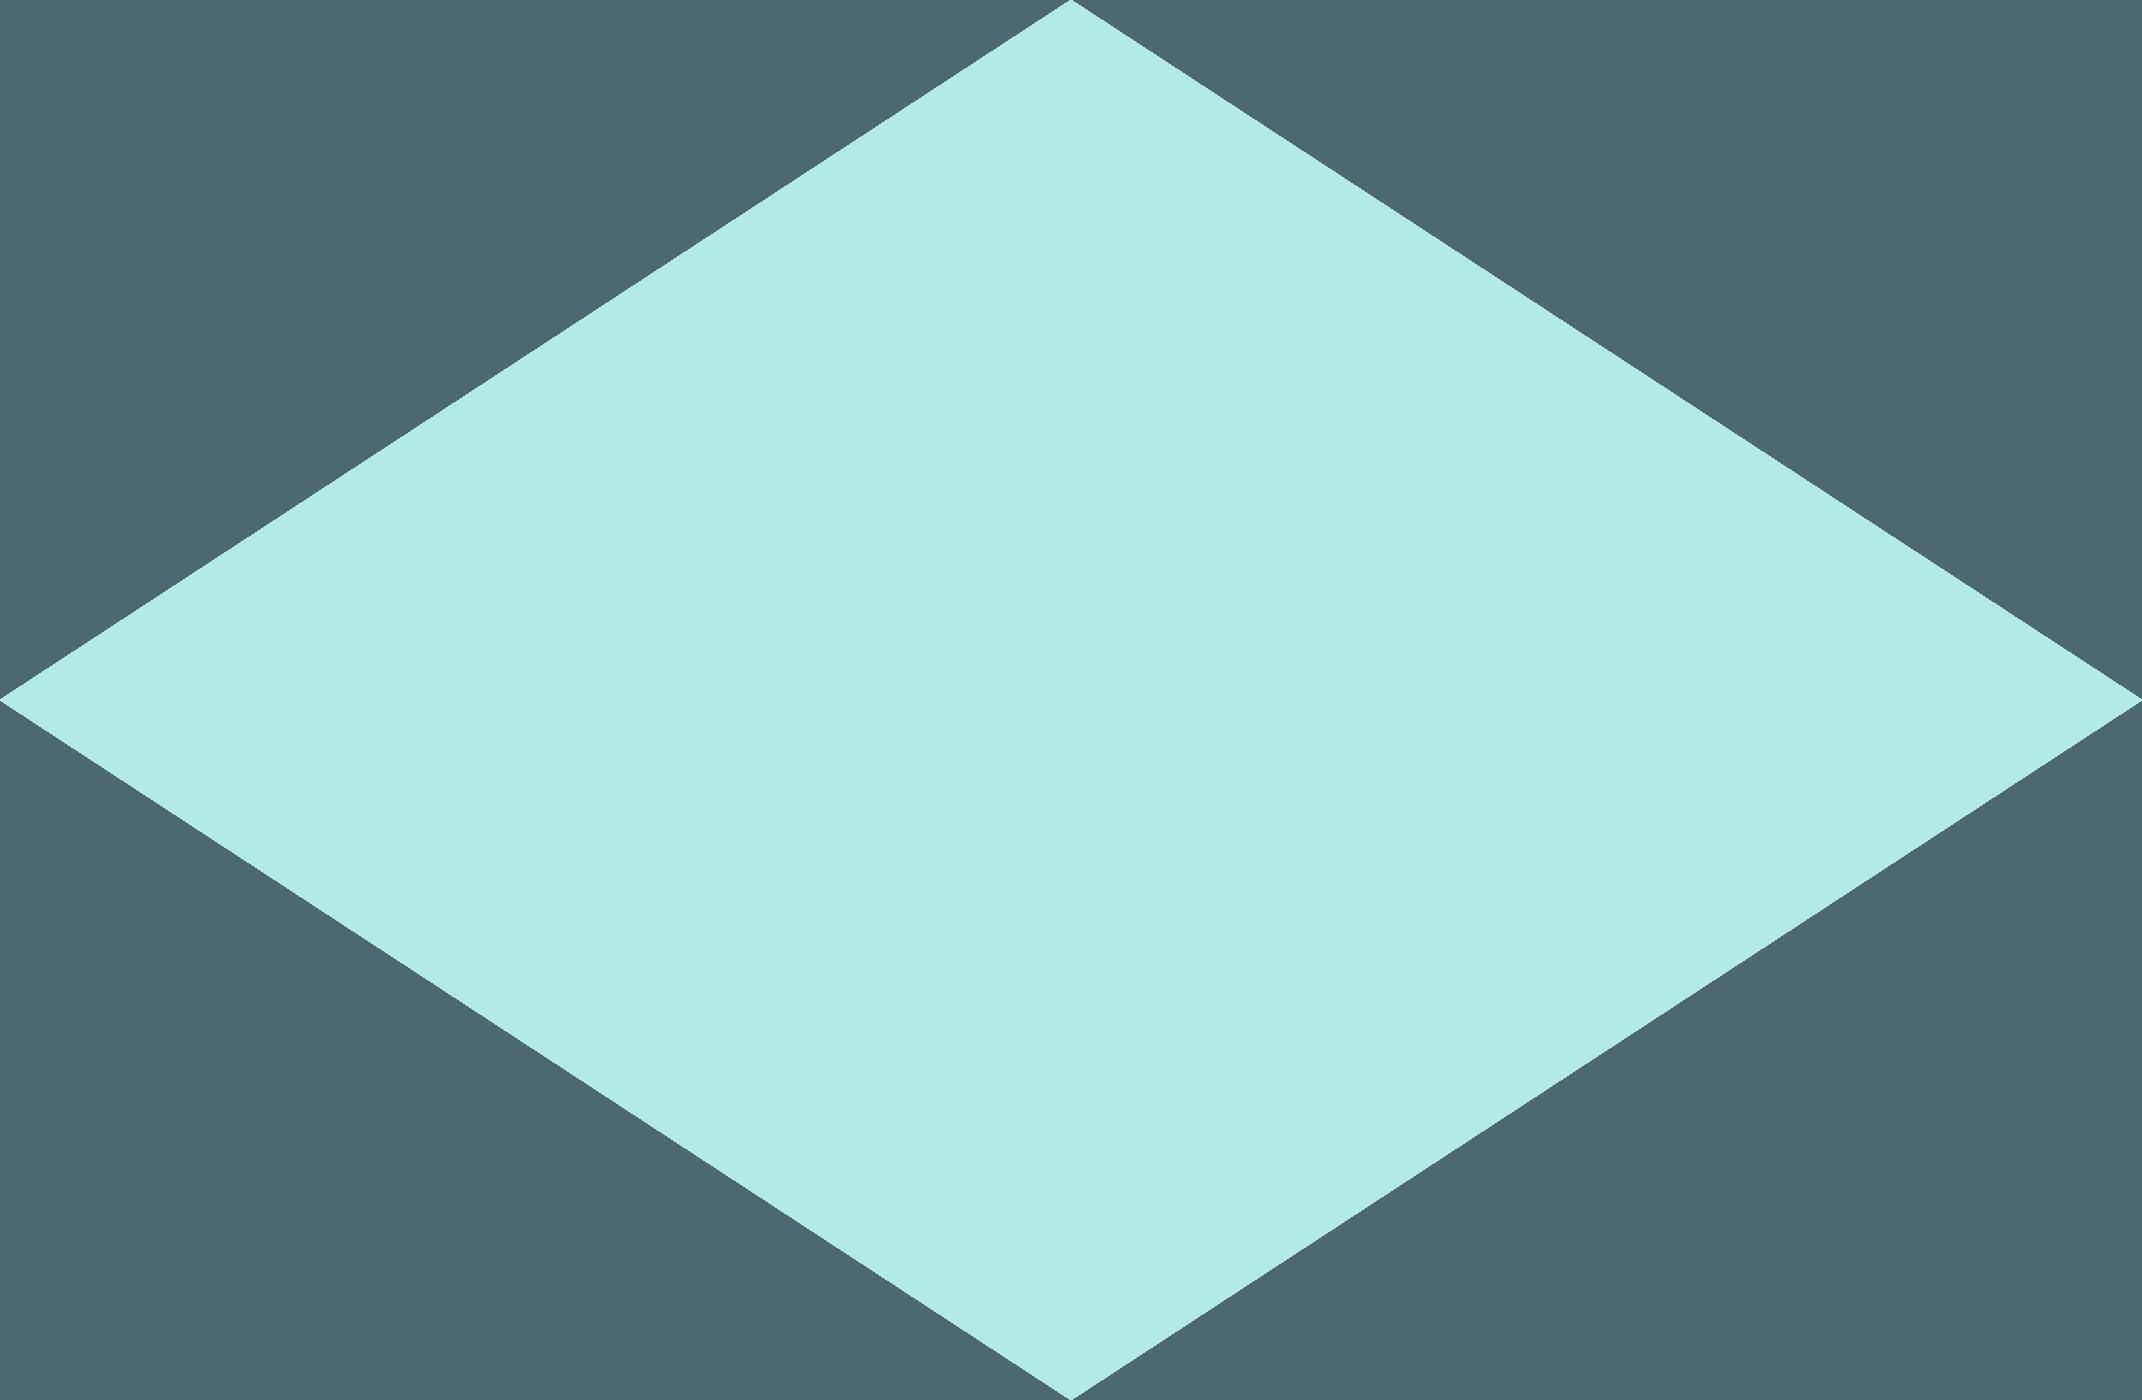 color_angle-1.png